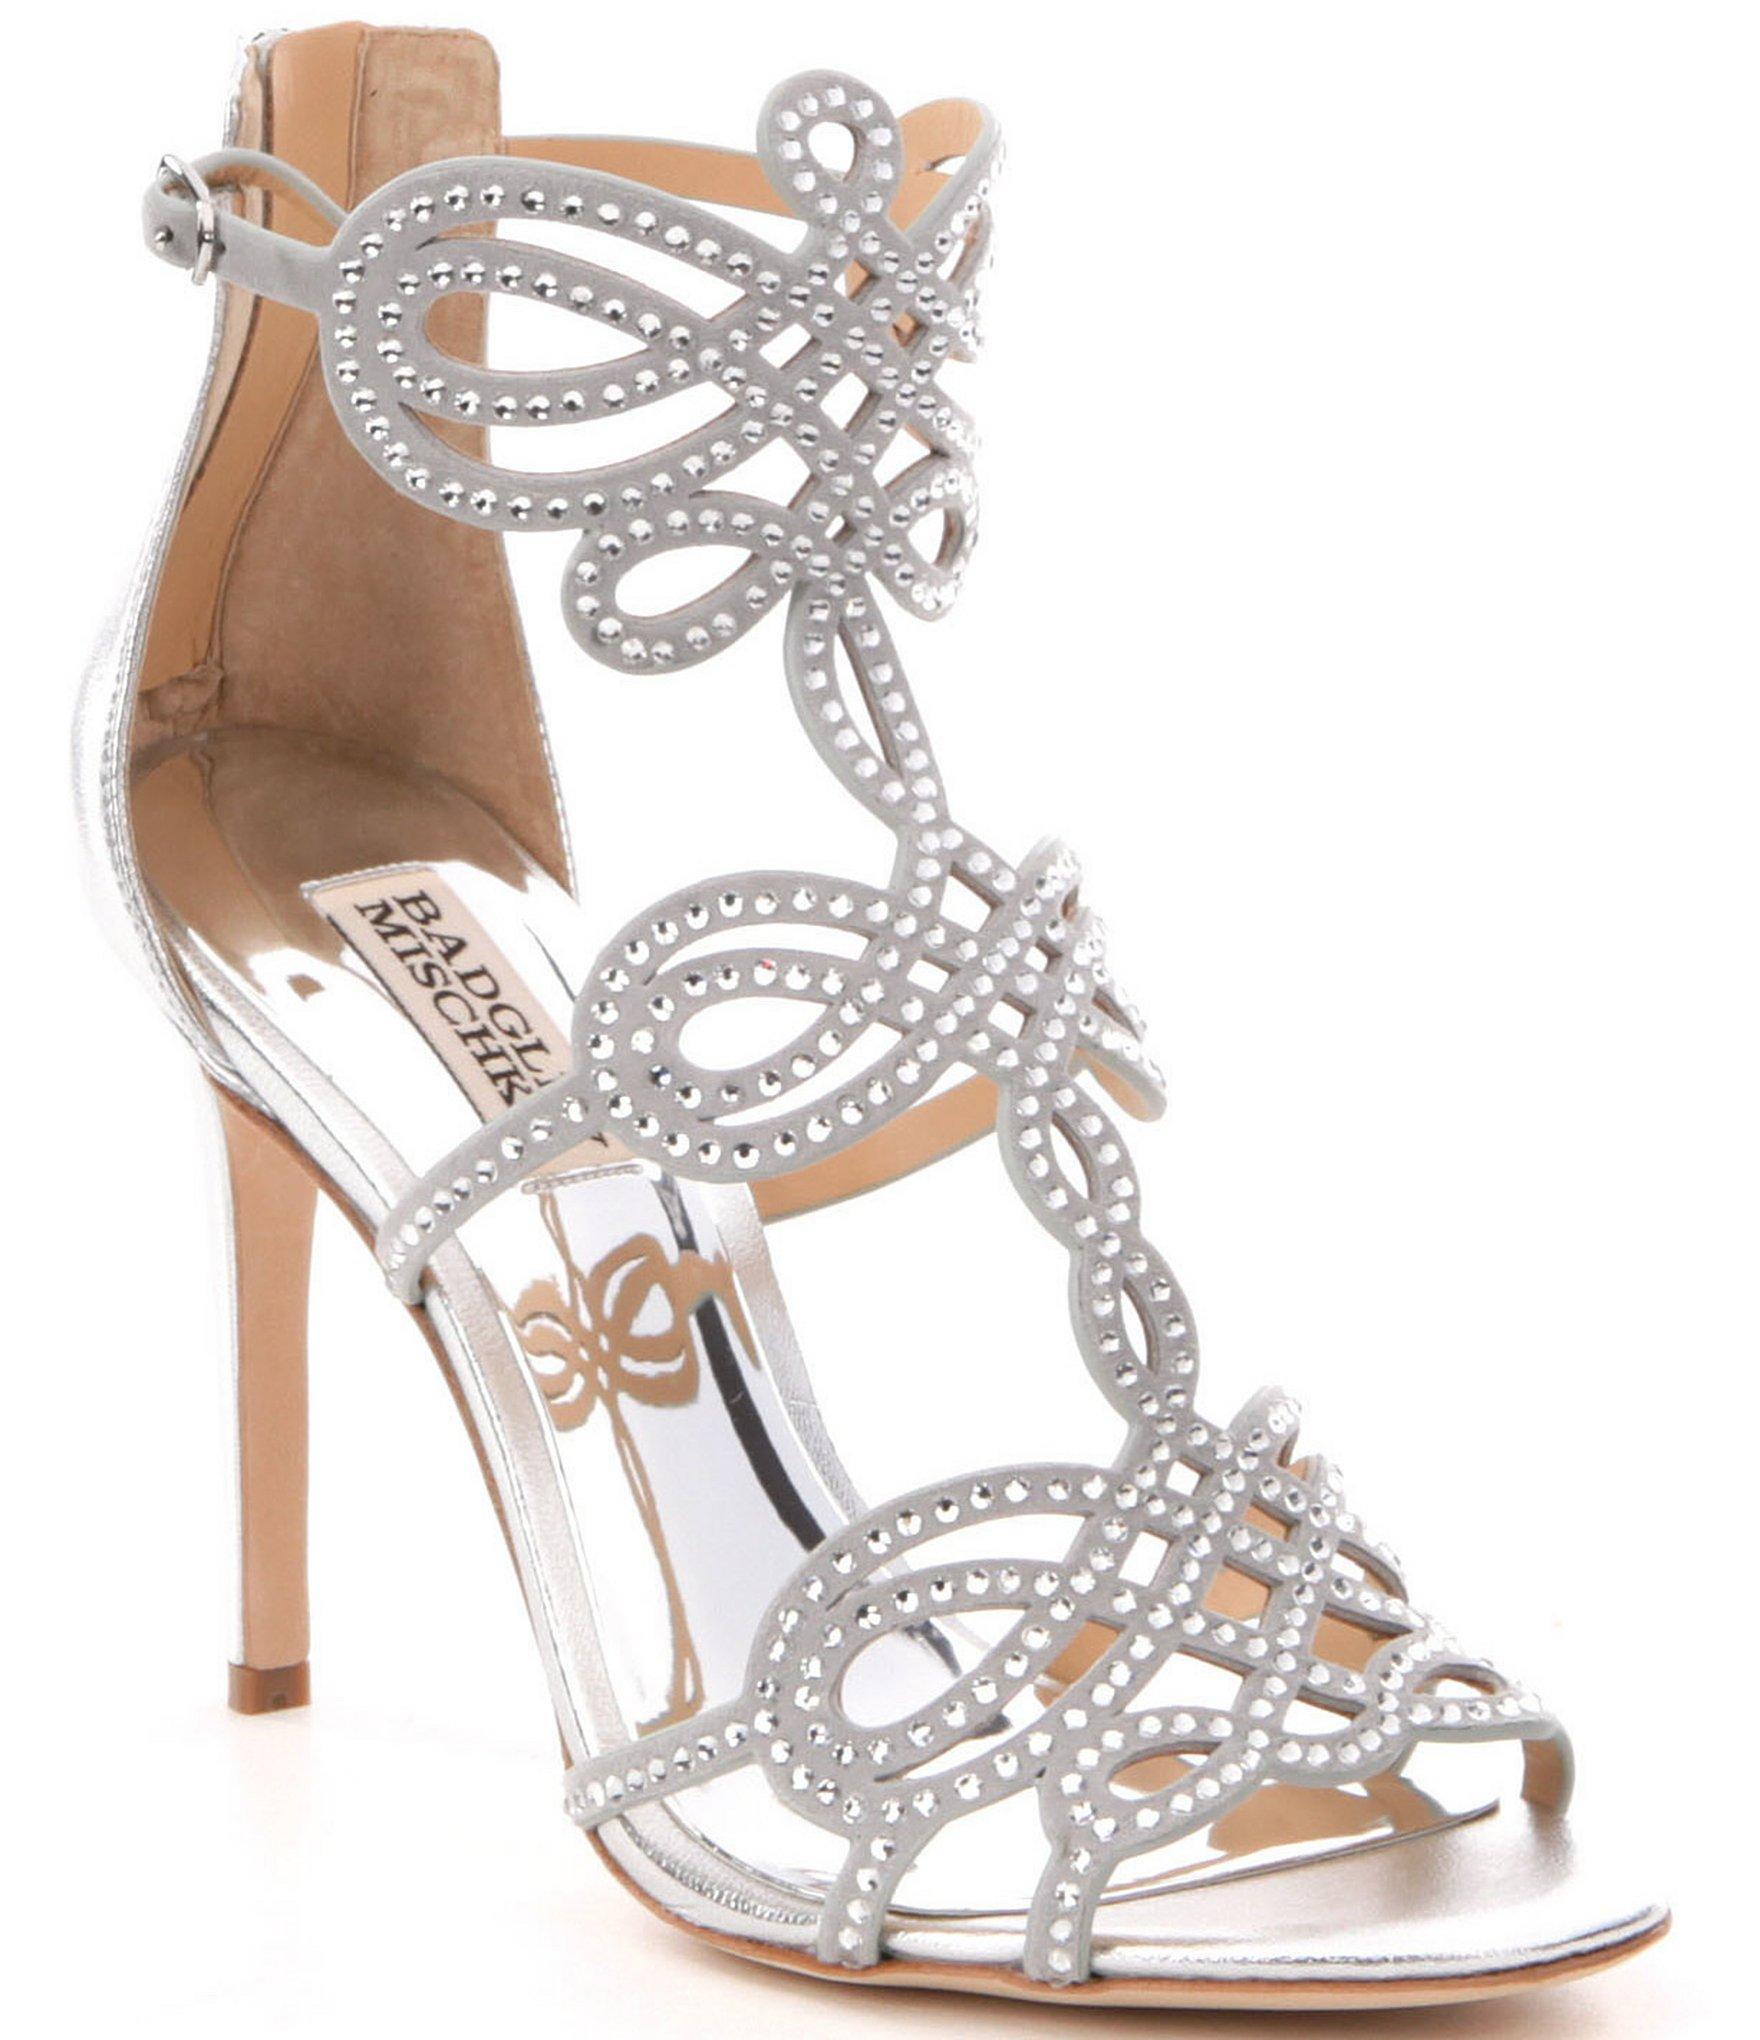 90d78452807fd Lyst - Badgley Mischka Teri Jeweled Strappy Dress Sandals in Metallic